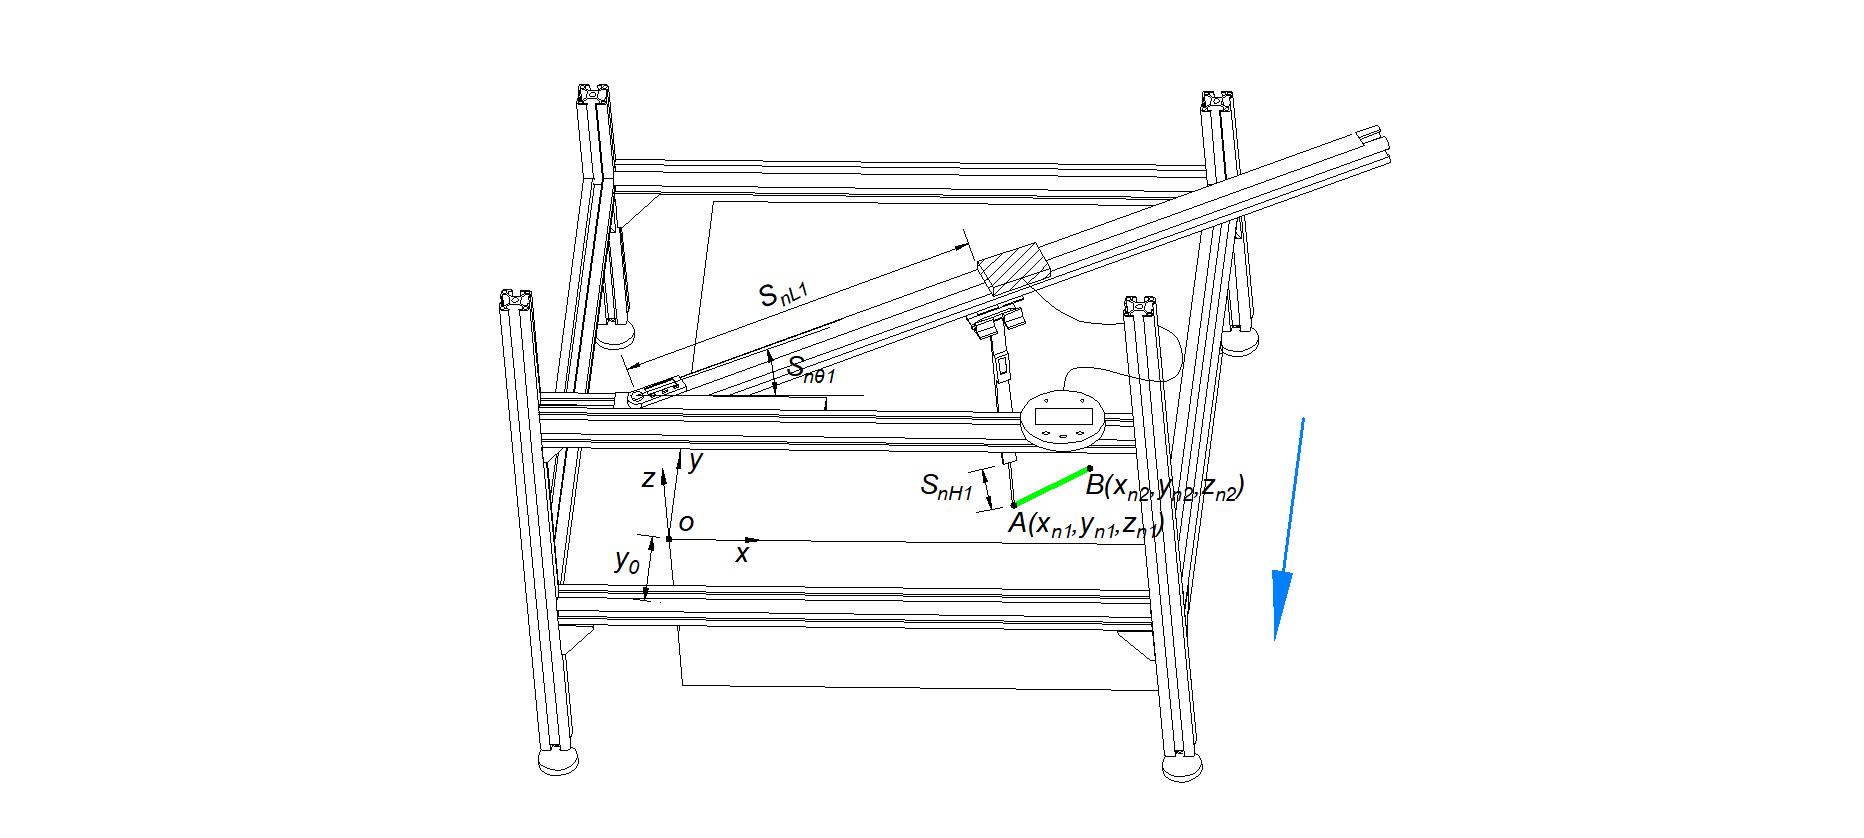 秸秆空间分布检测、量化及可视化方法